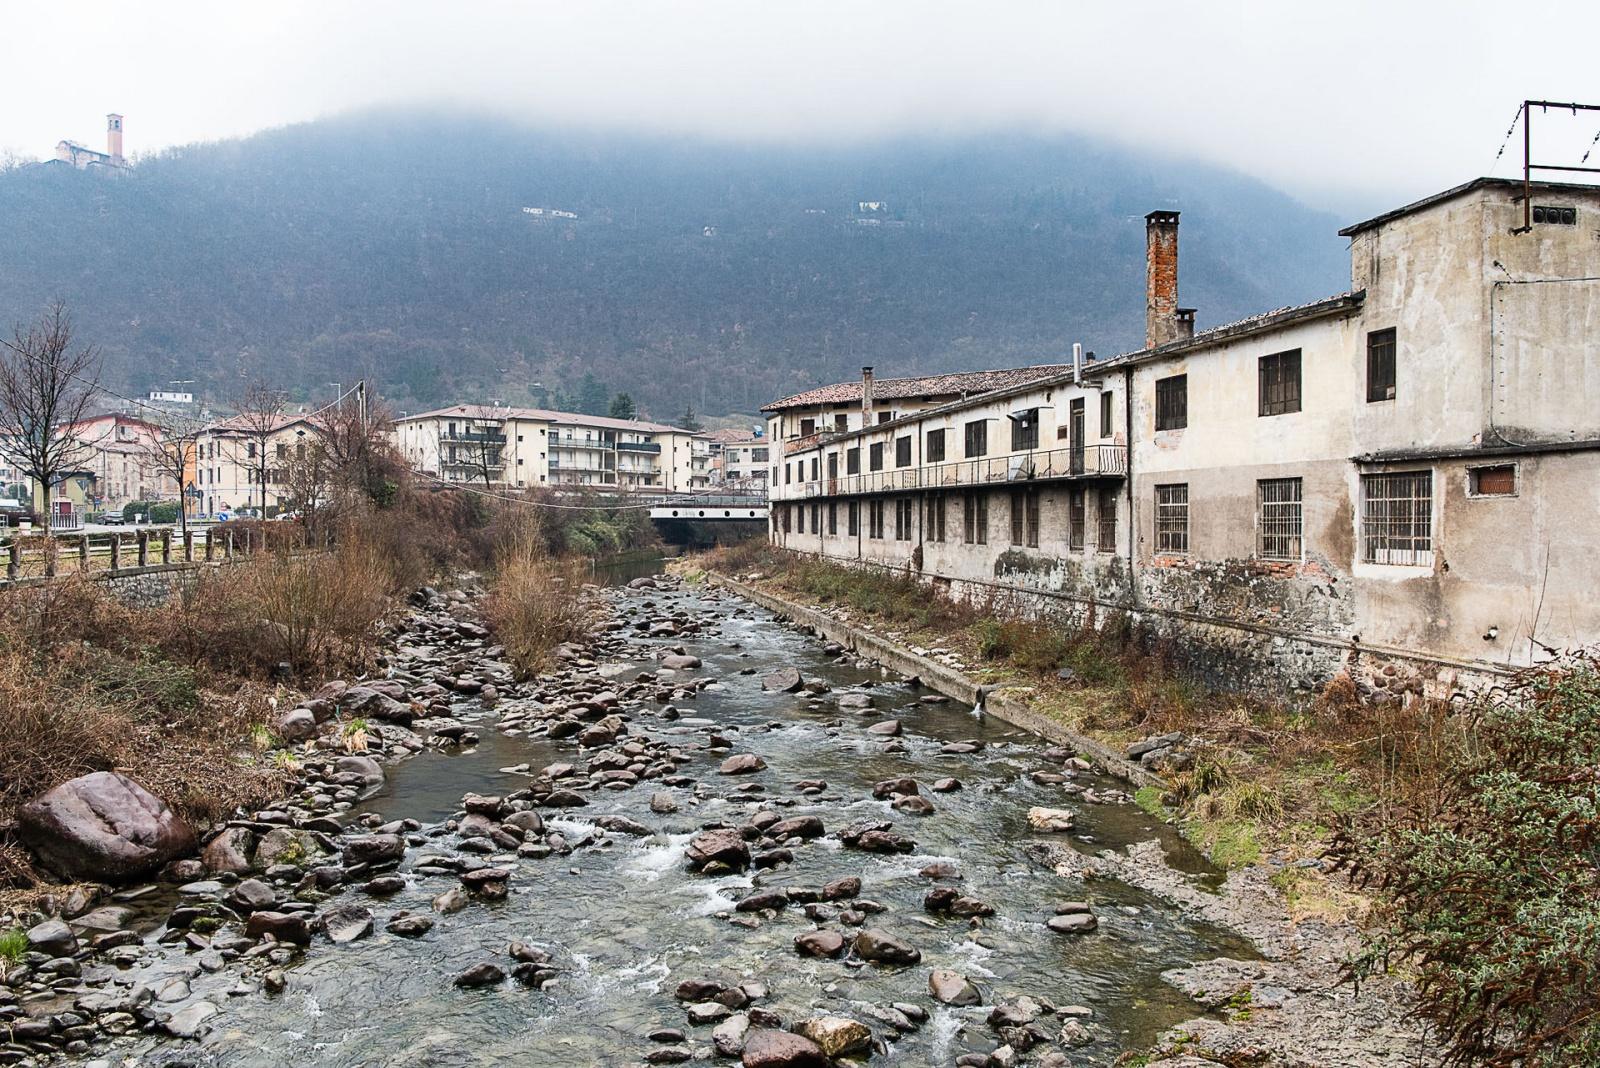 La fabbrica d'armi Beretta di Gardone Val Trompia che risale al 1526. Qui si producono circa 1500 armi al giorno. Febbraio 2018, Val Trompia, Italia. © Simone Tramonte.